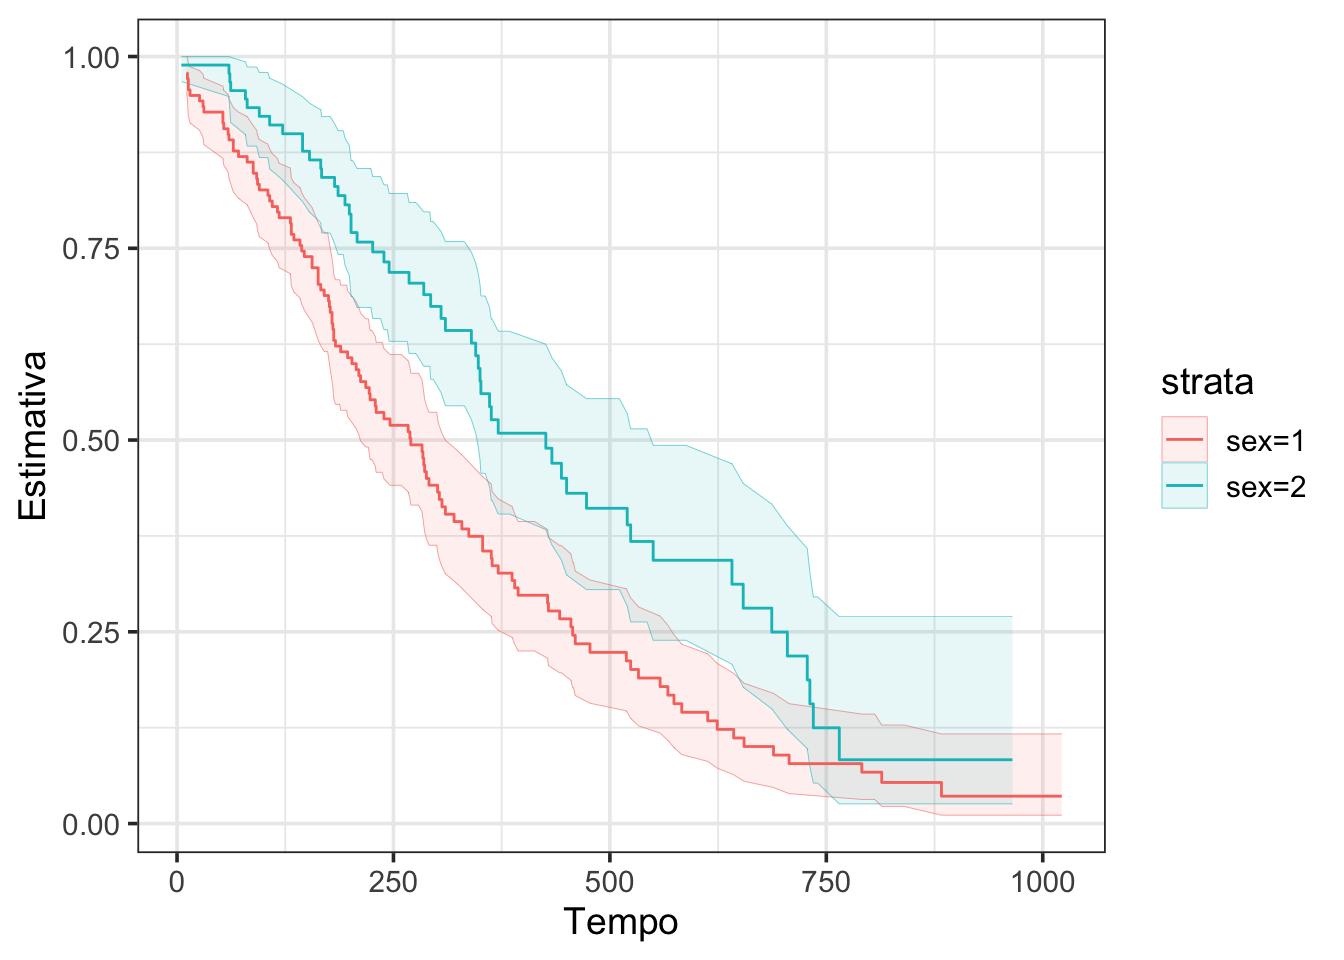 Intervalos de confiança usando apenas `ggplot2` e `geom_ribbon()`.